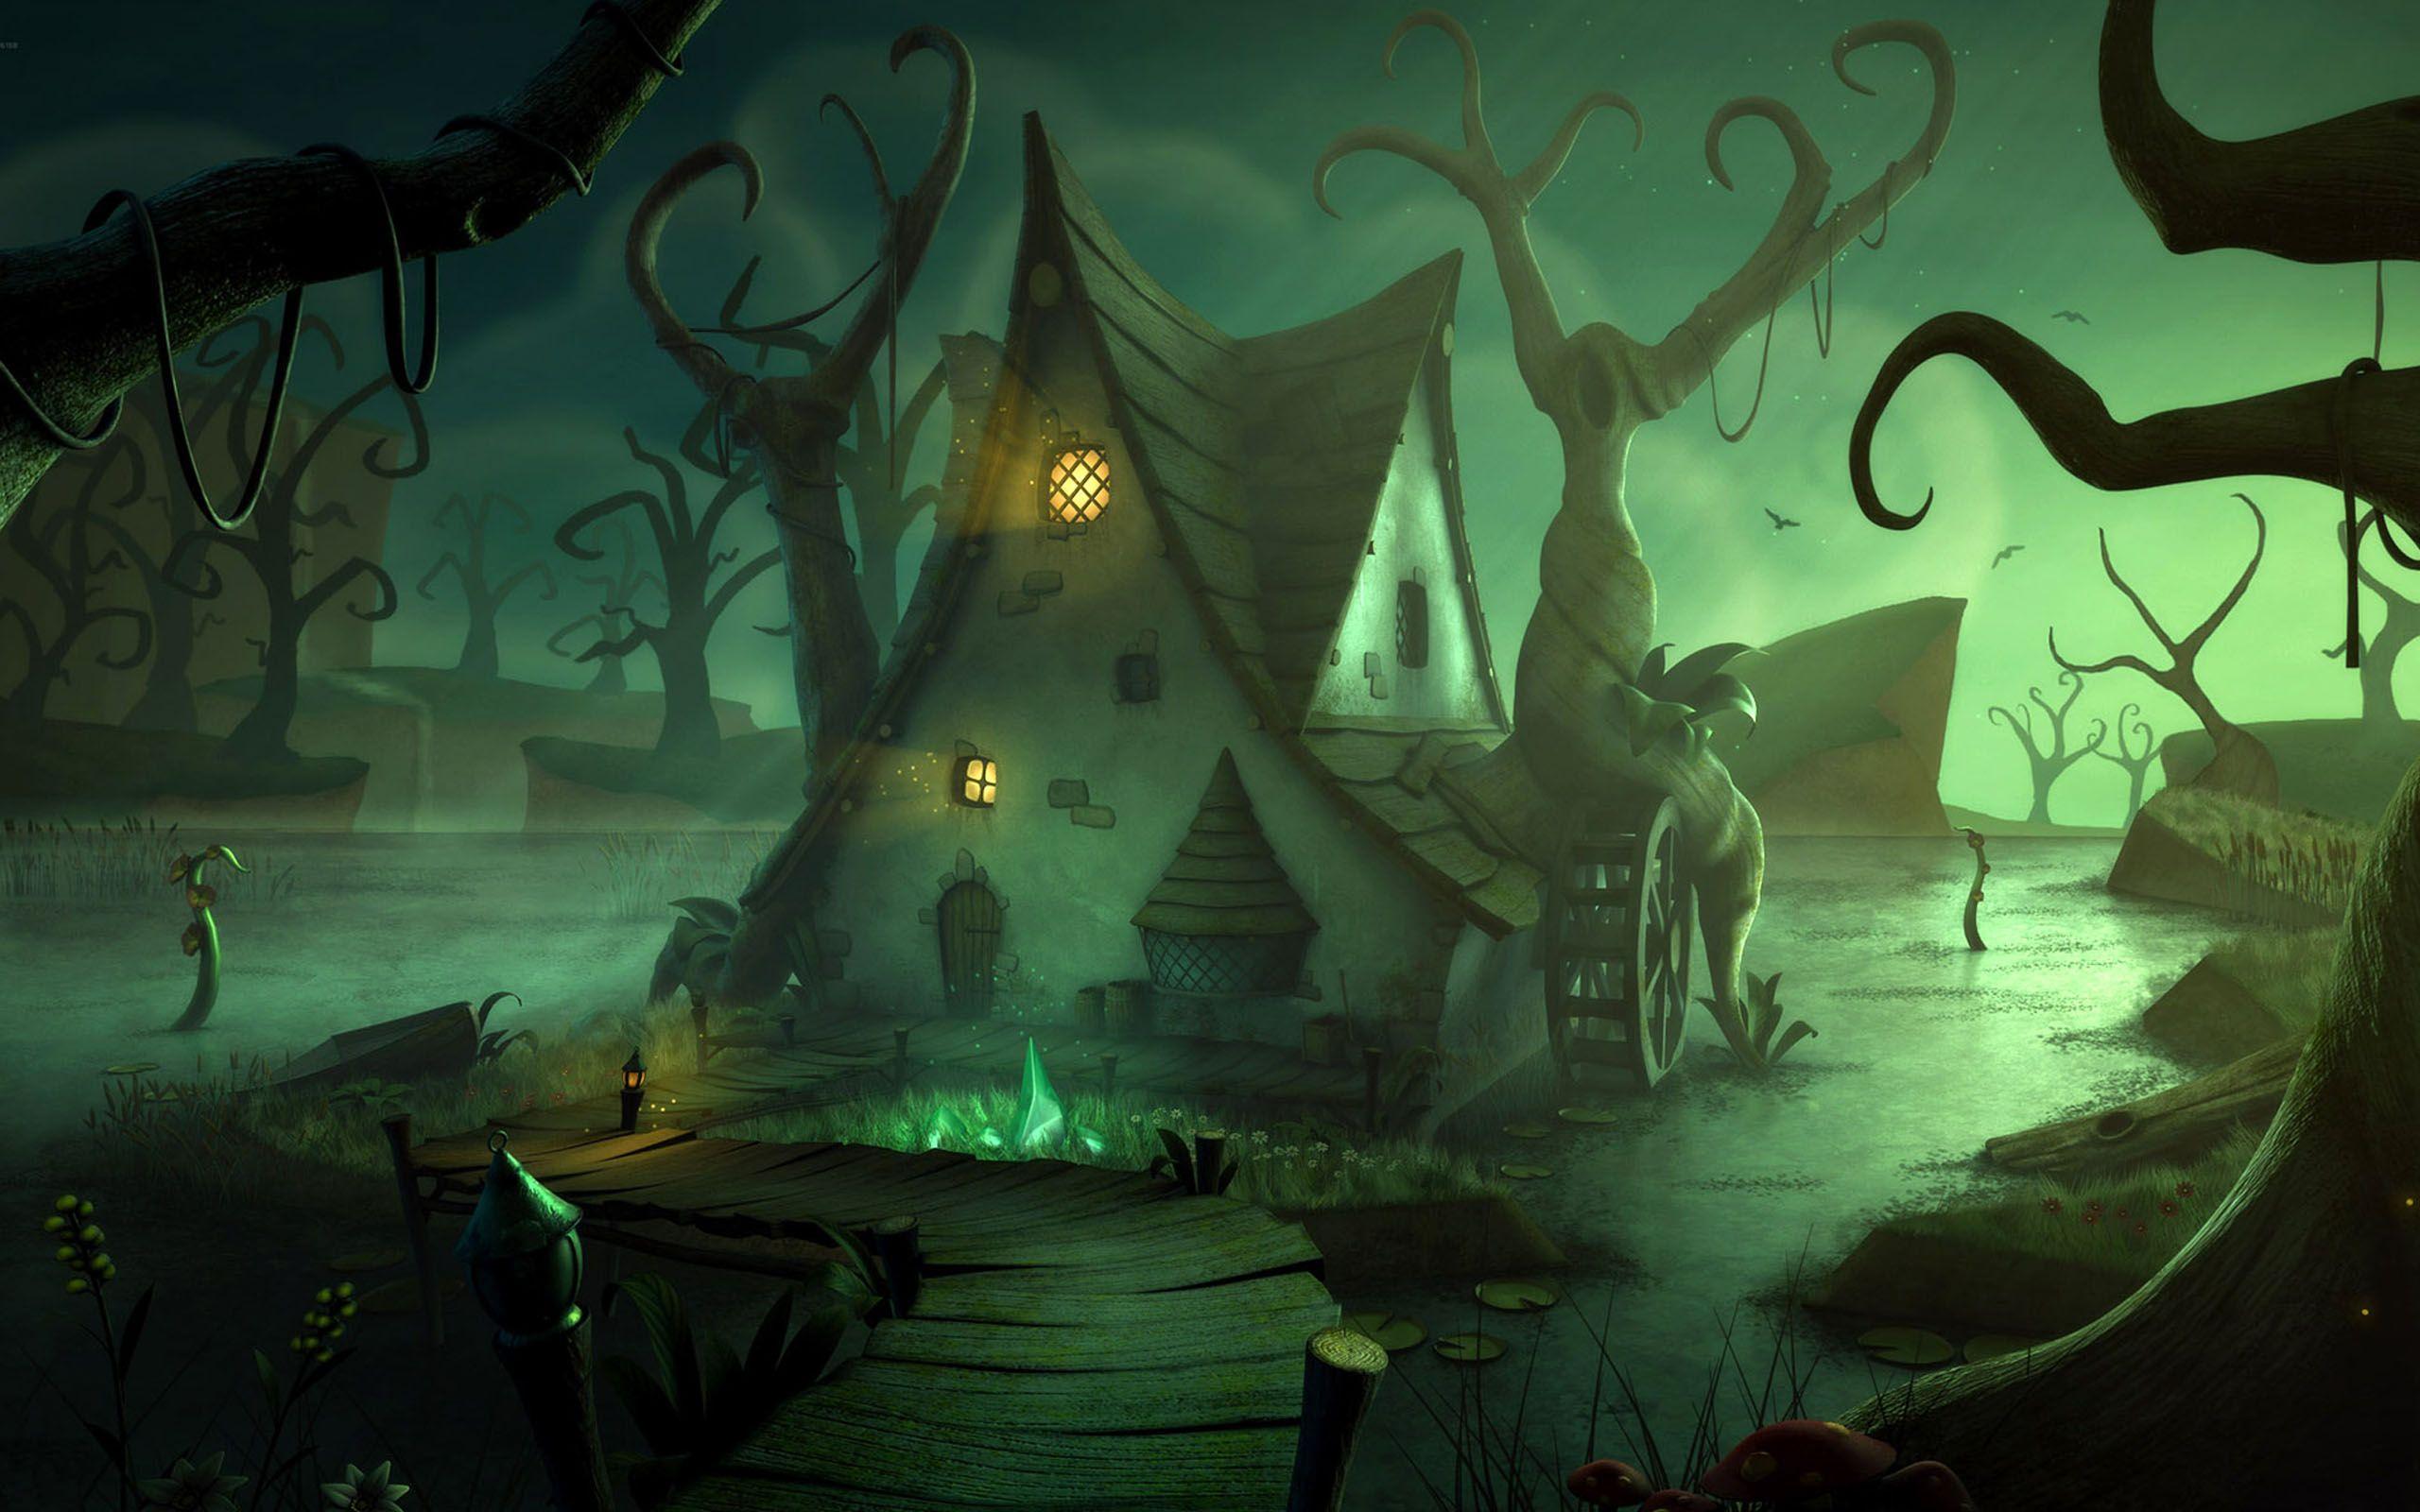 download Halloween Backgrounds for desktop 2560x1600